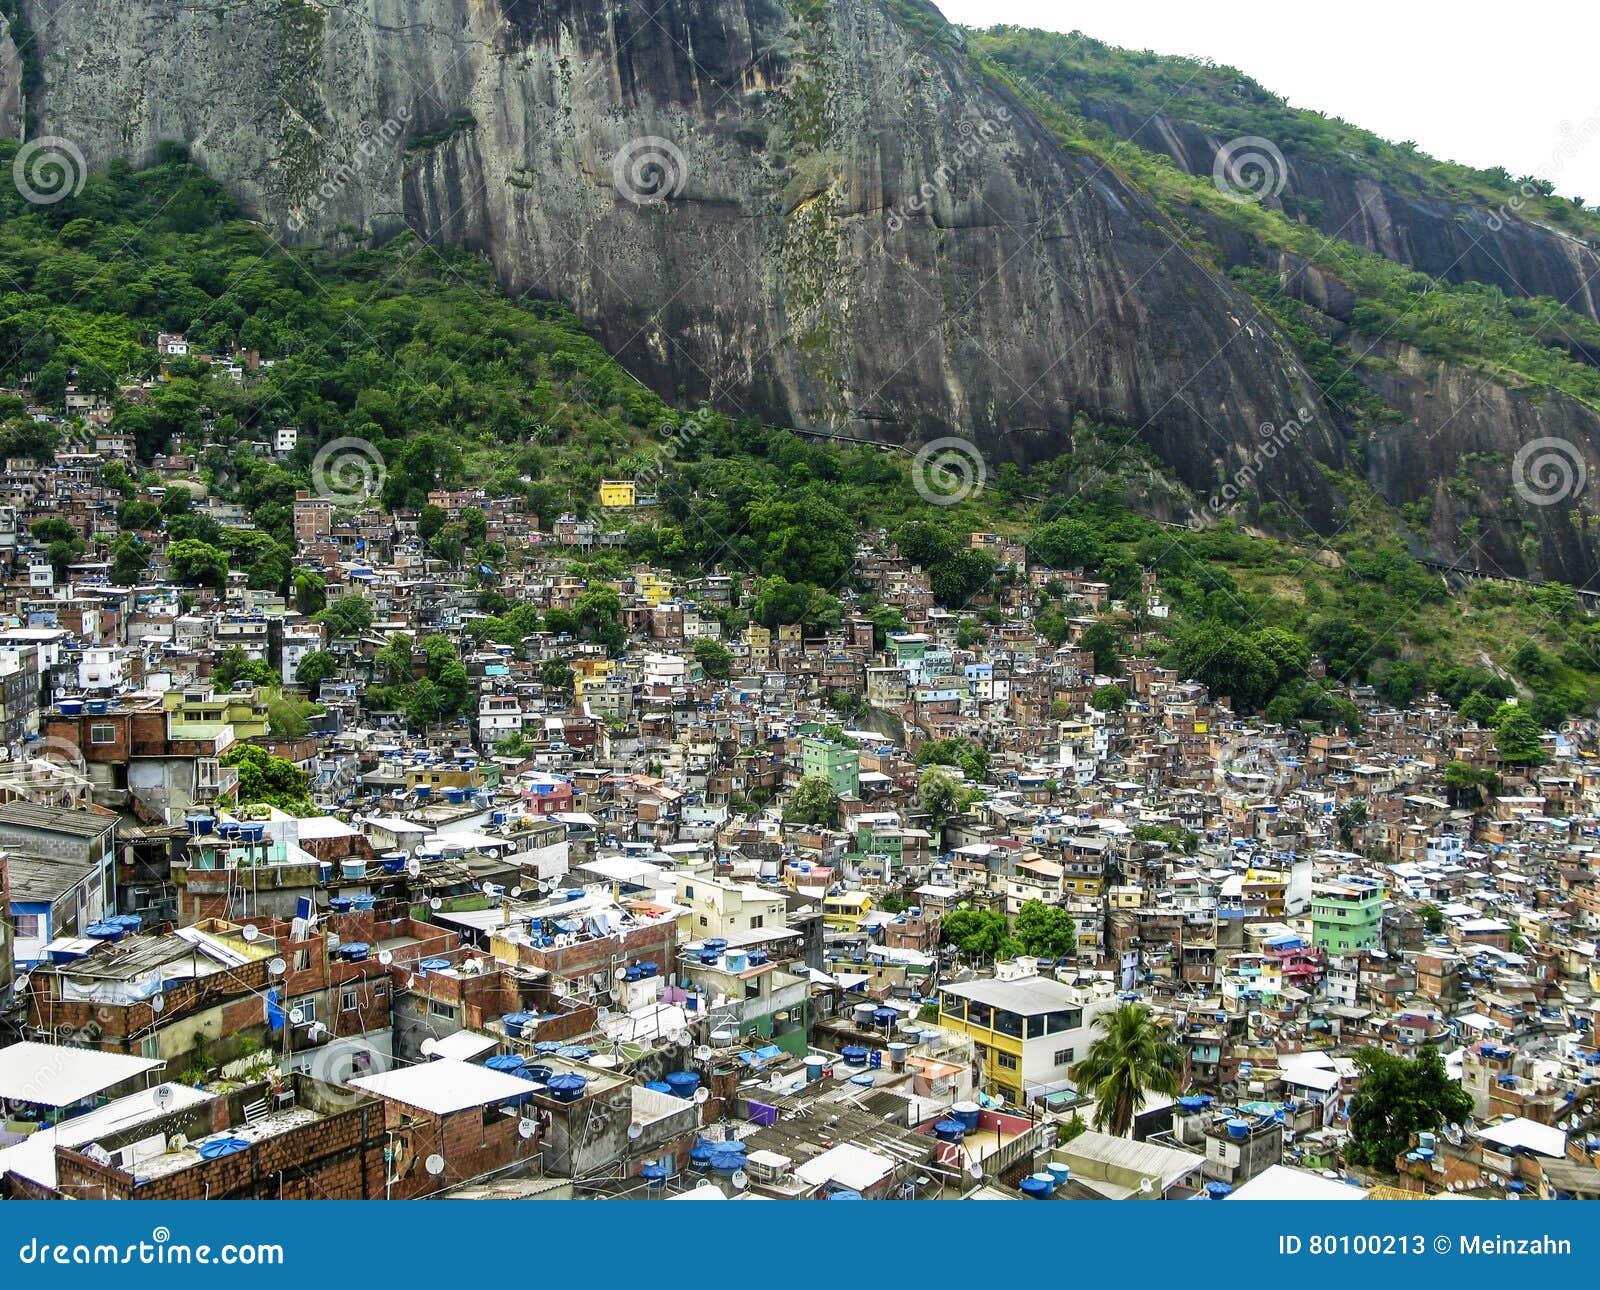 Montanha coberta por casas pobres - Favela - Rio de janeiro